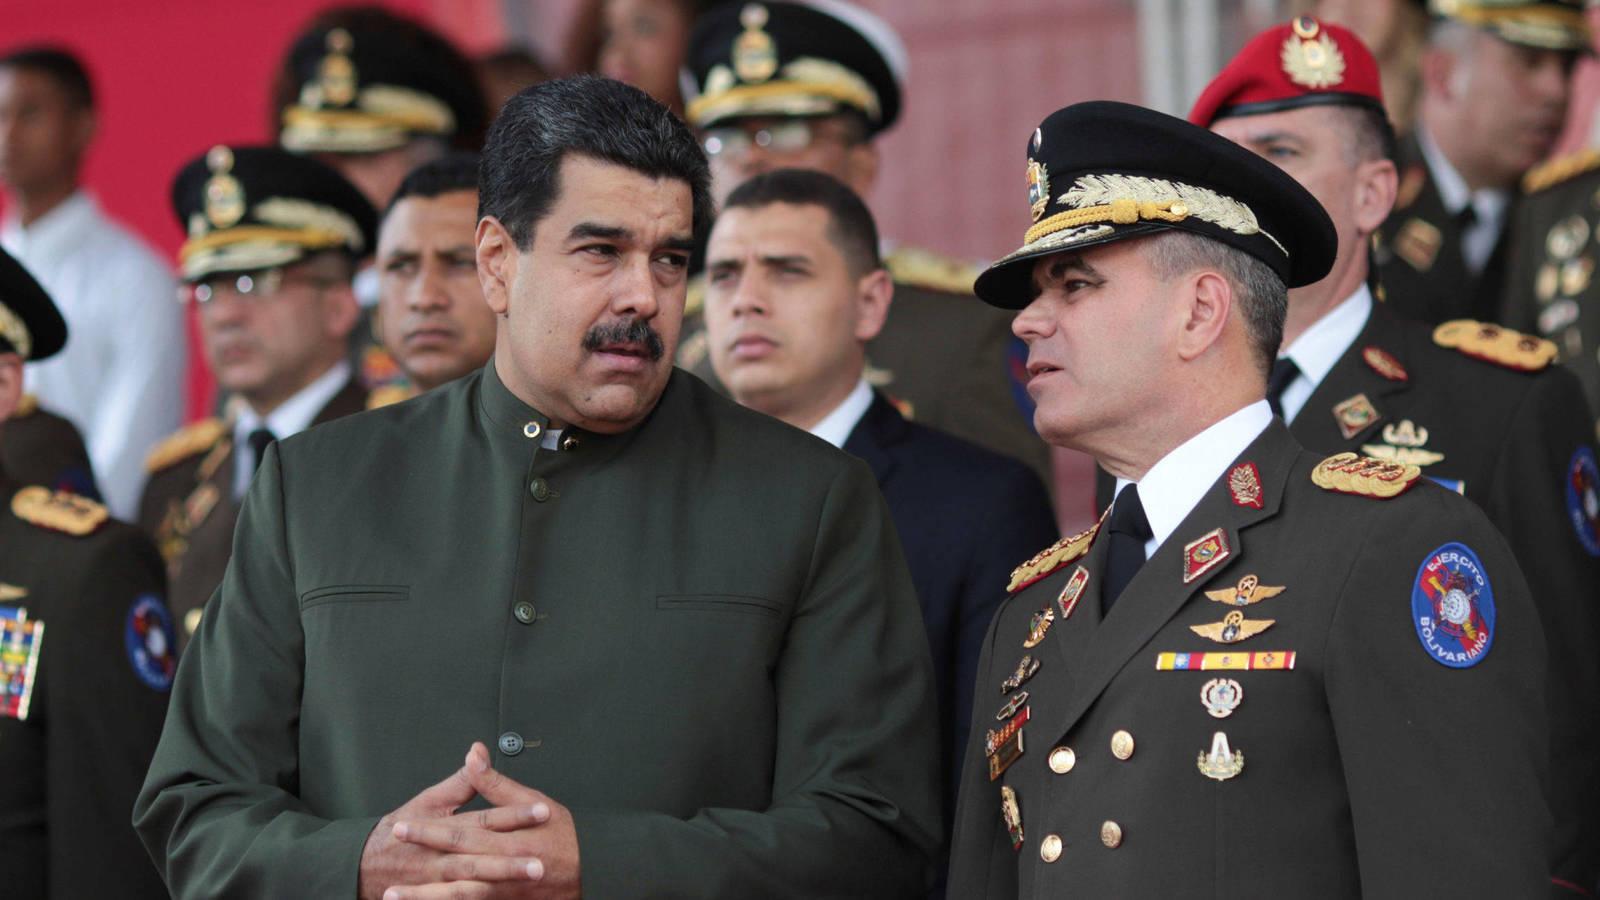 EN CLAVES: Informe de la Misión Internacional de la ONU que responsabiliza de crímenes a Maduro y a los ministros del Interior y Defensa